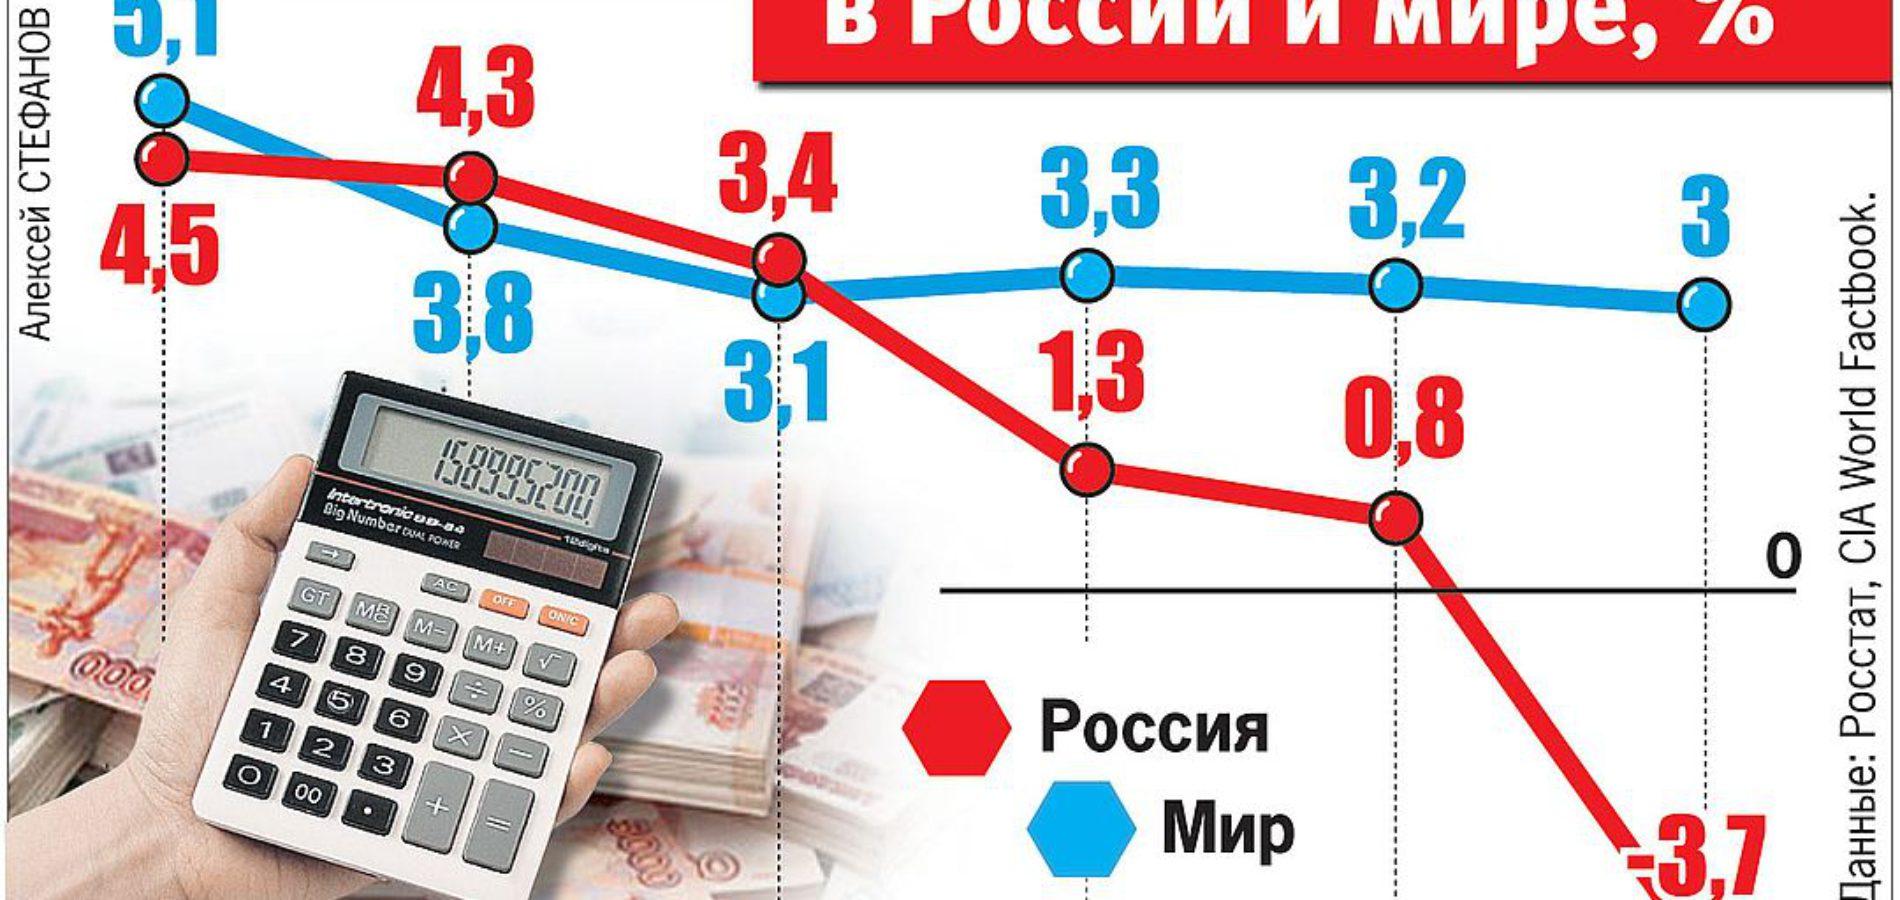 Пять реформ для Алексея Кудрина